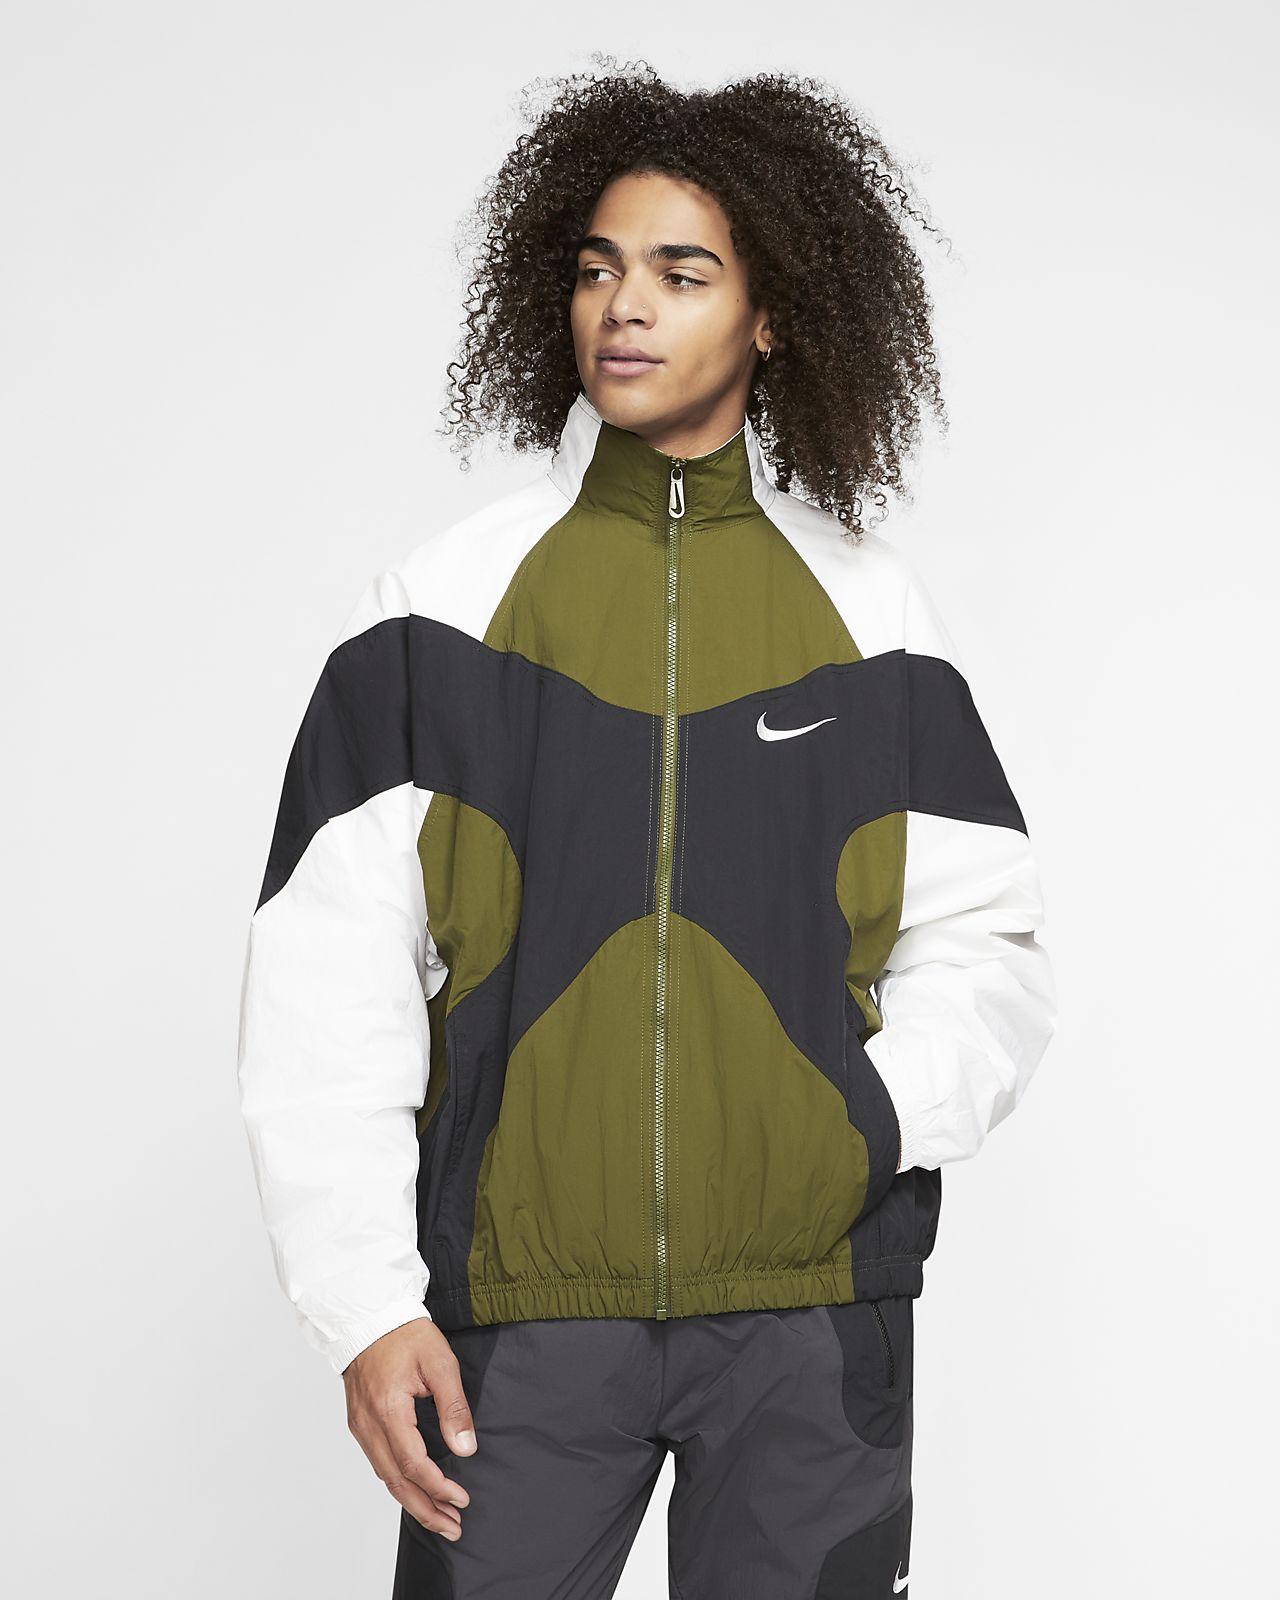 Vävd jacka Nike Sportswear för män